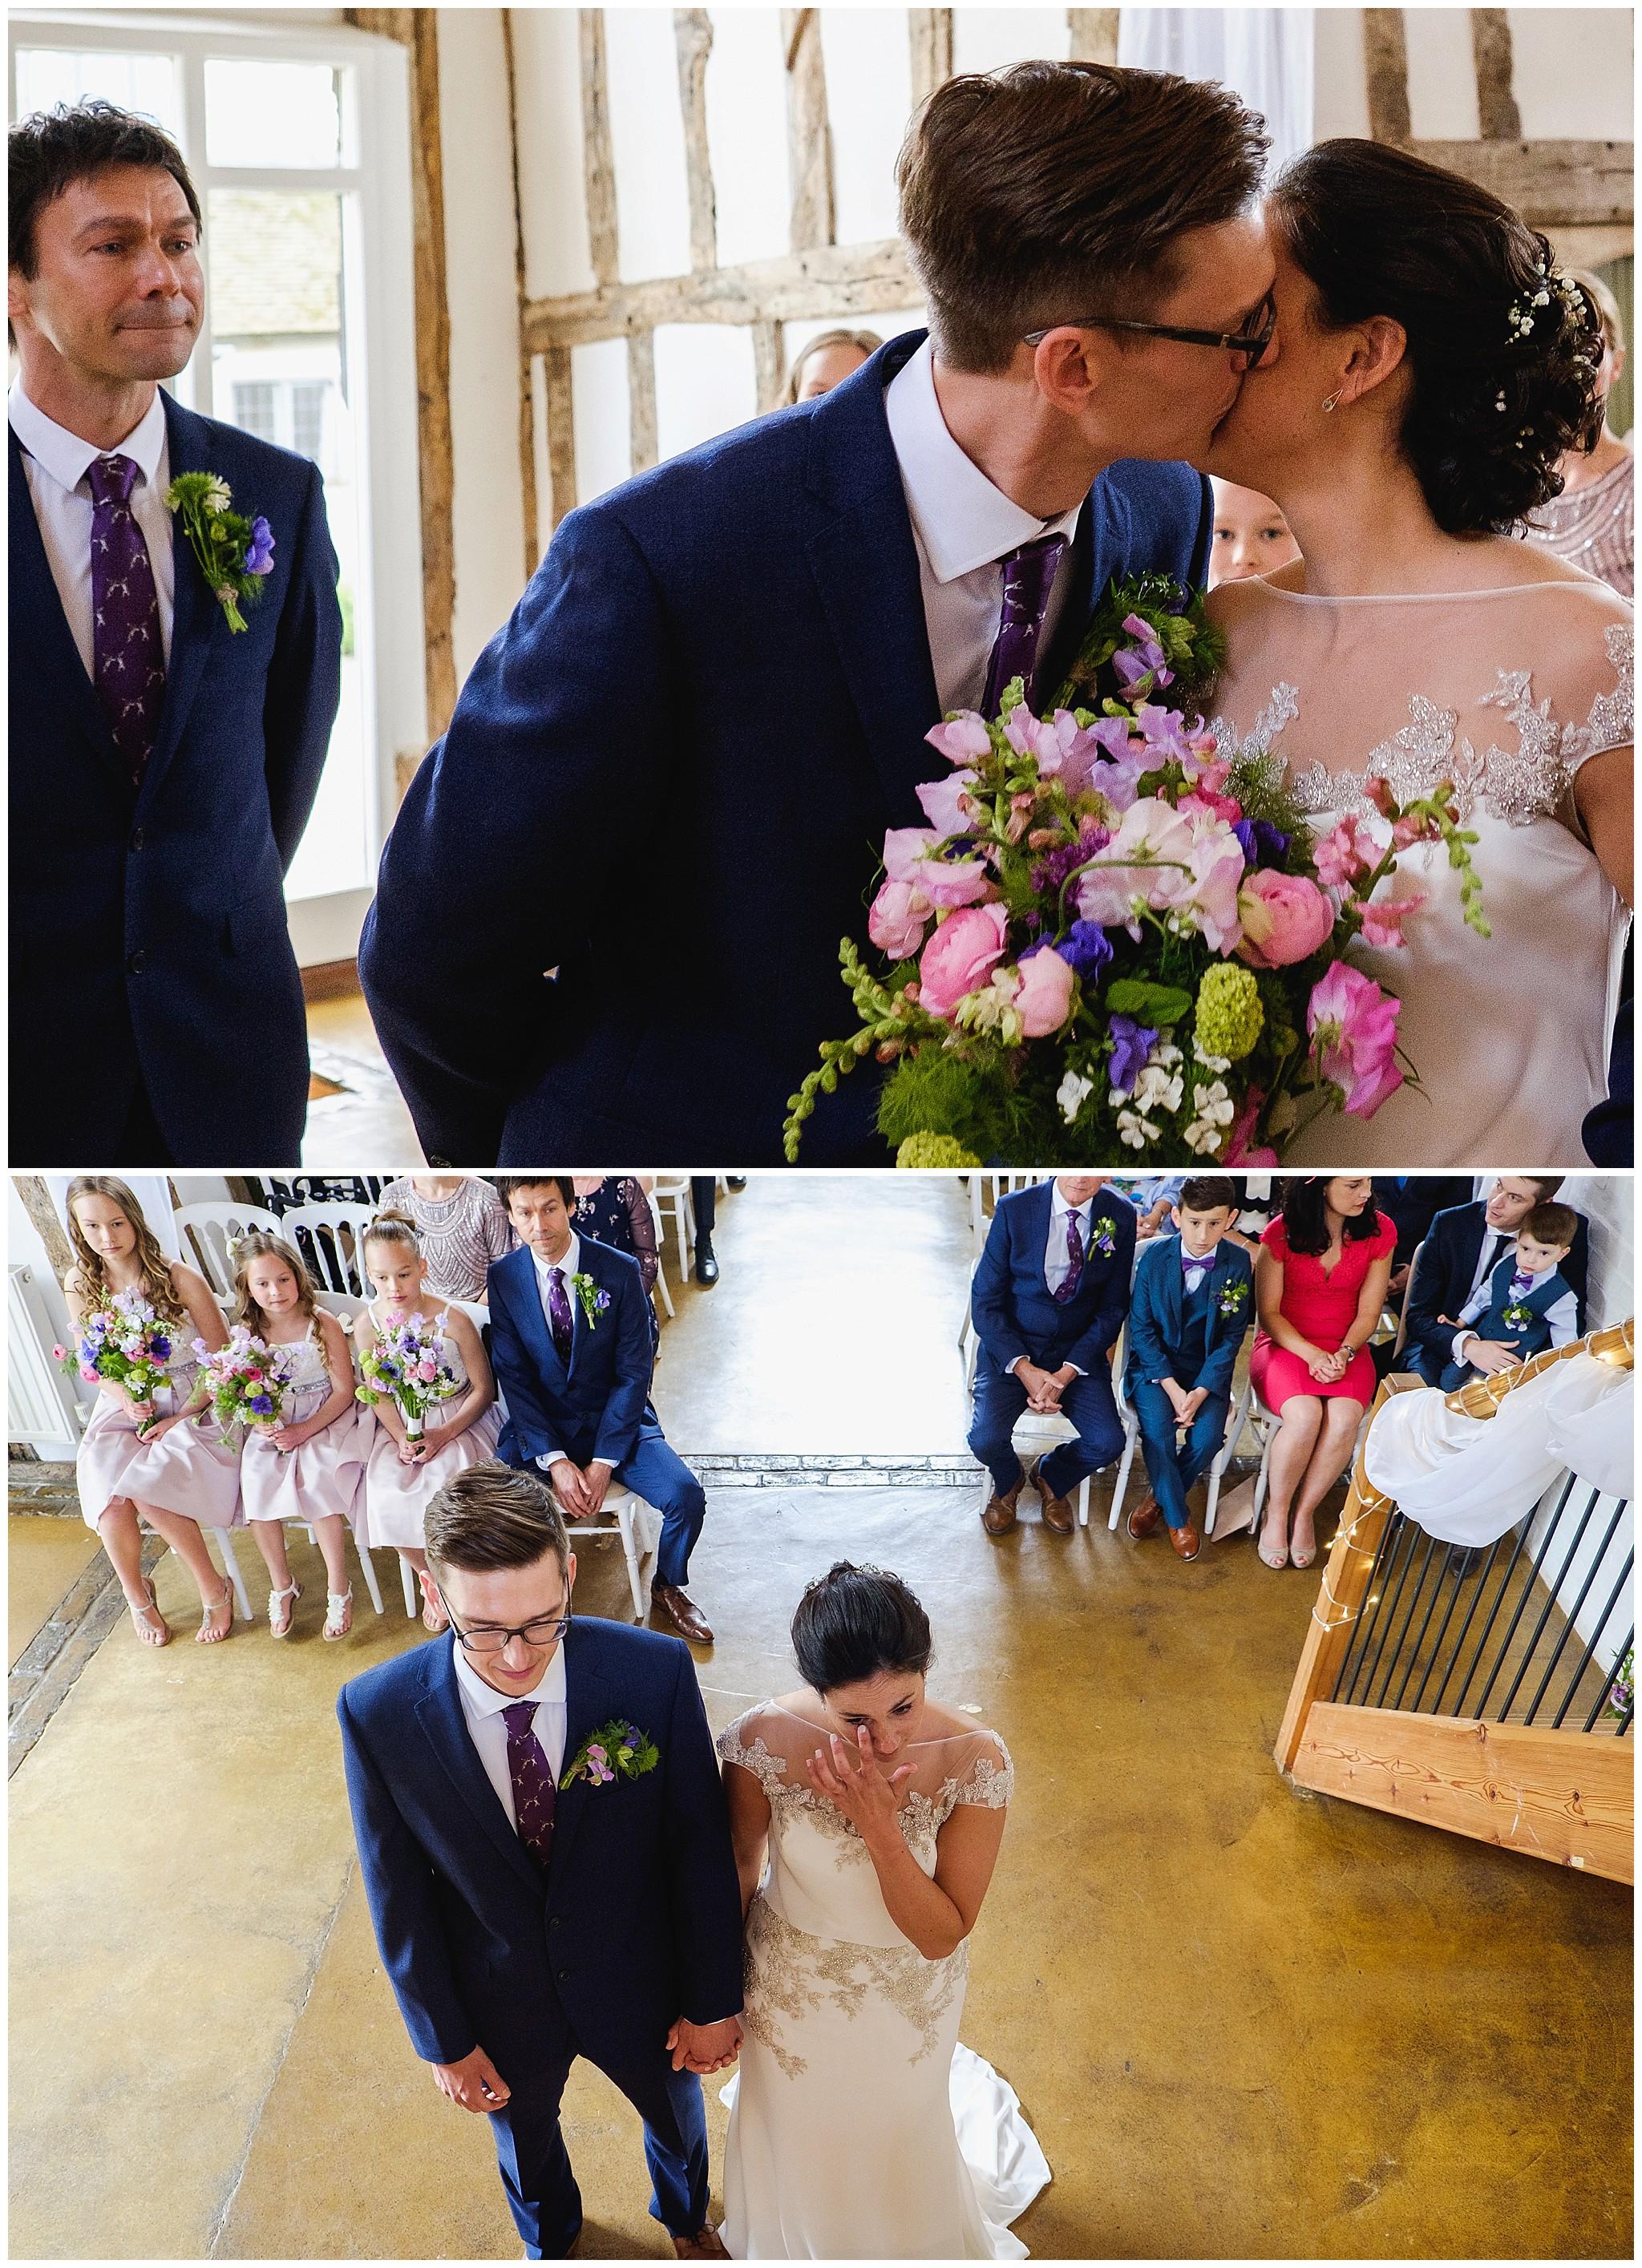 Groom kisses bride as Best man wears